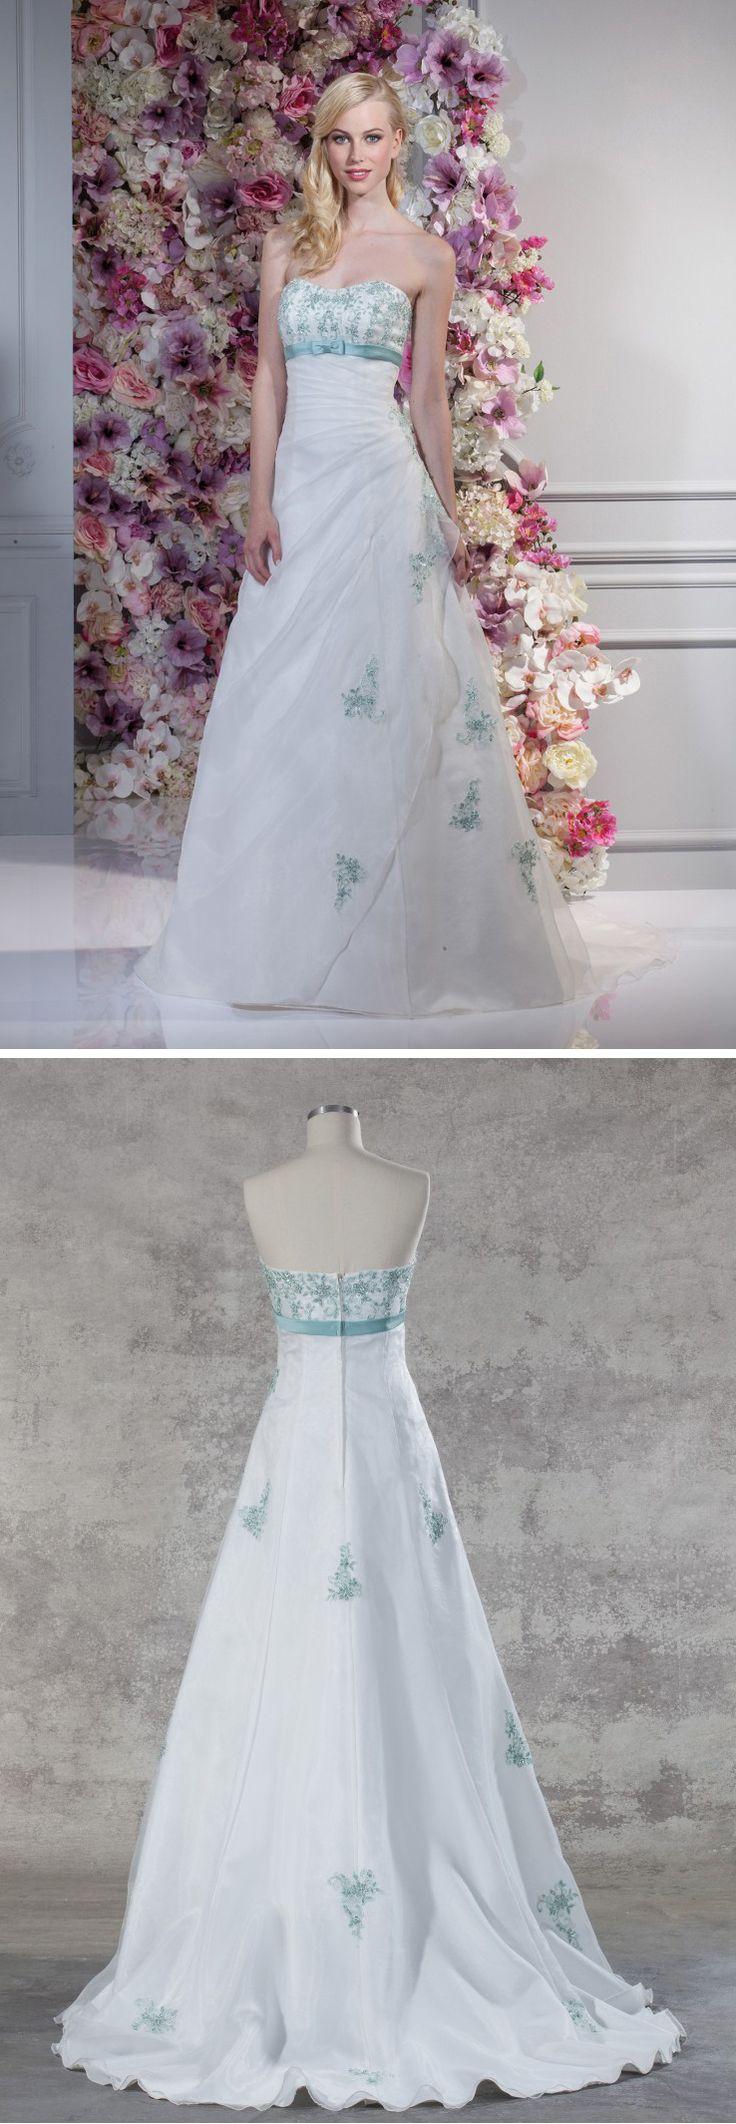 Großartig Brautkleid Mit Türkis Galerie - Hochzeit Kleid Stile Ideen ...